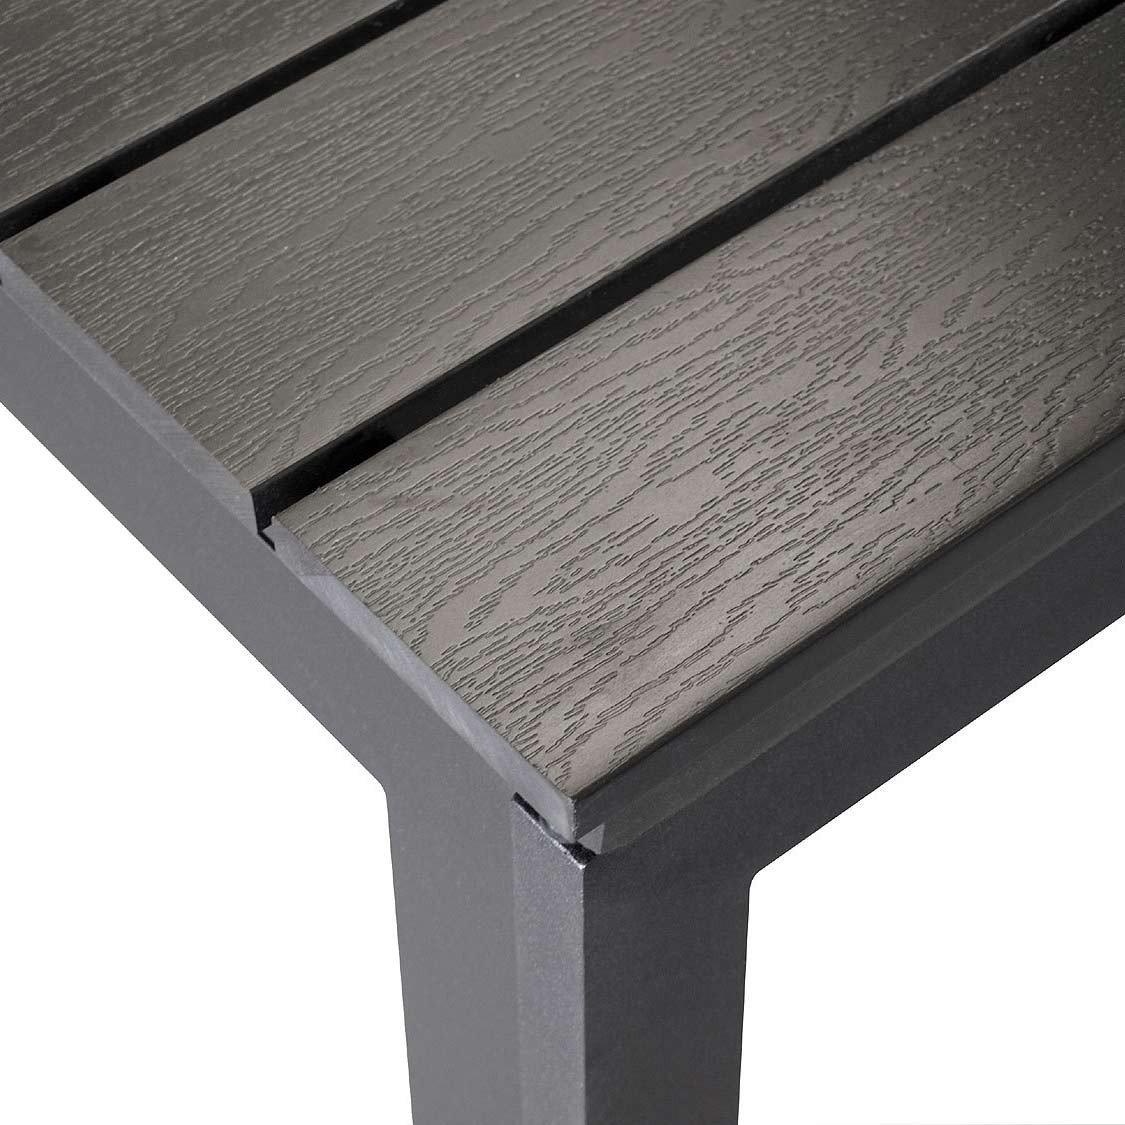 Gartentisch ausziehbar kunststoff  XXL Aluminium Gartentisch ausziehbar 280/220x95cm Ausziehtisch ...